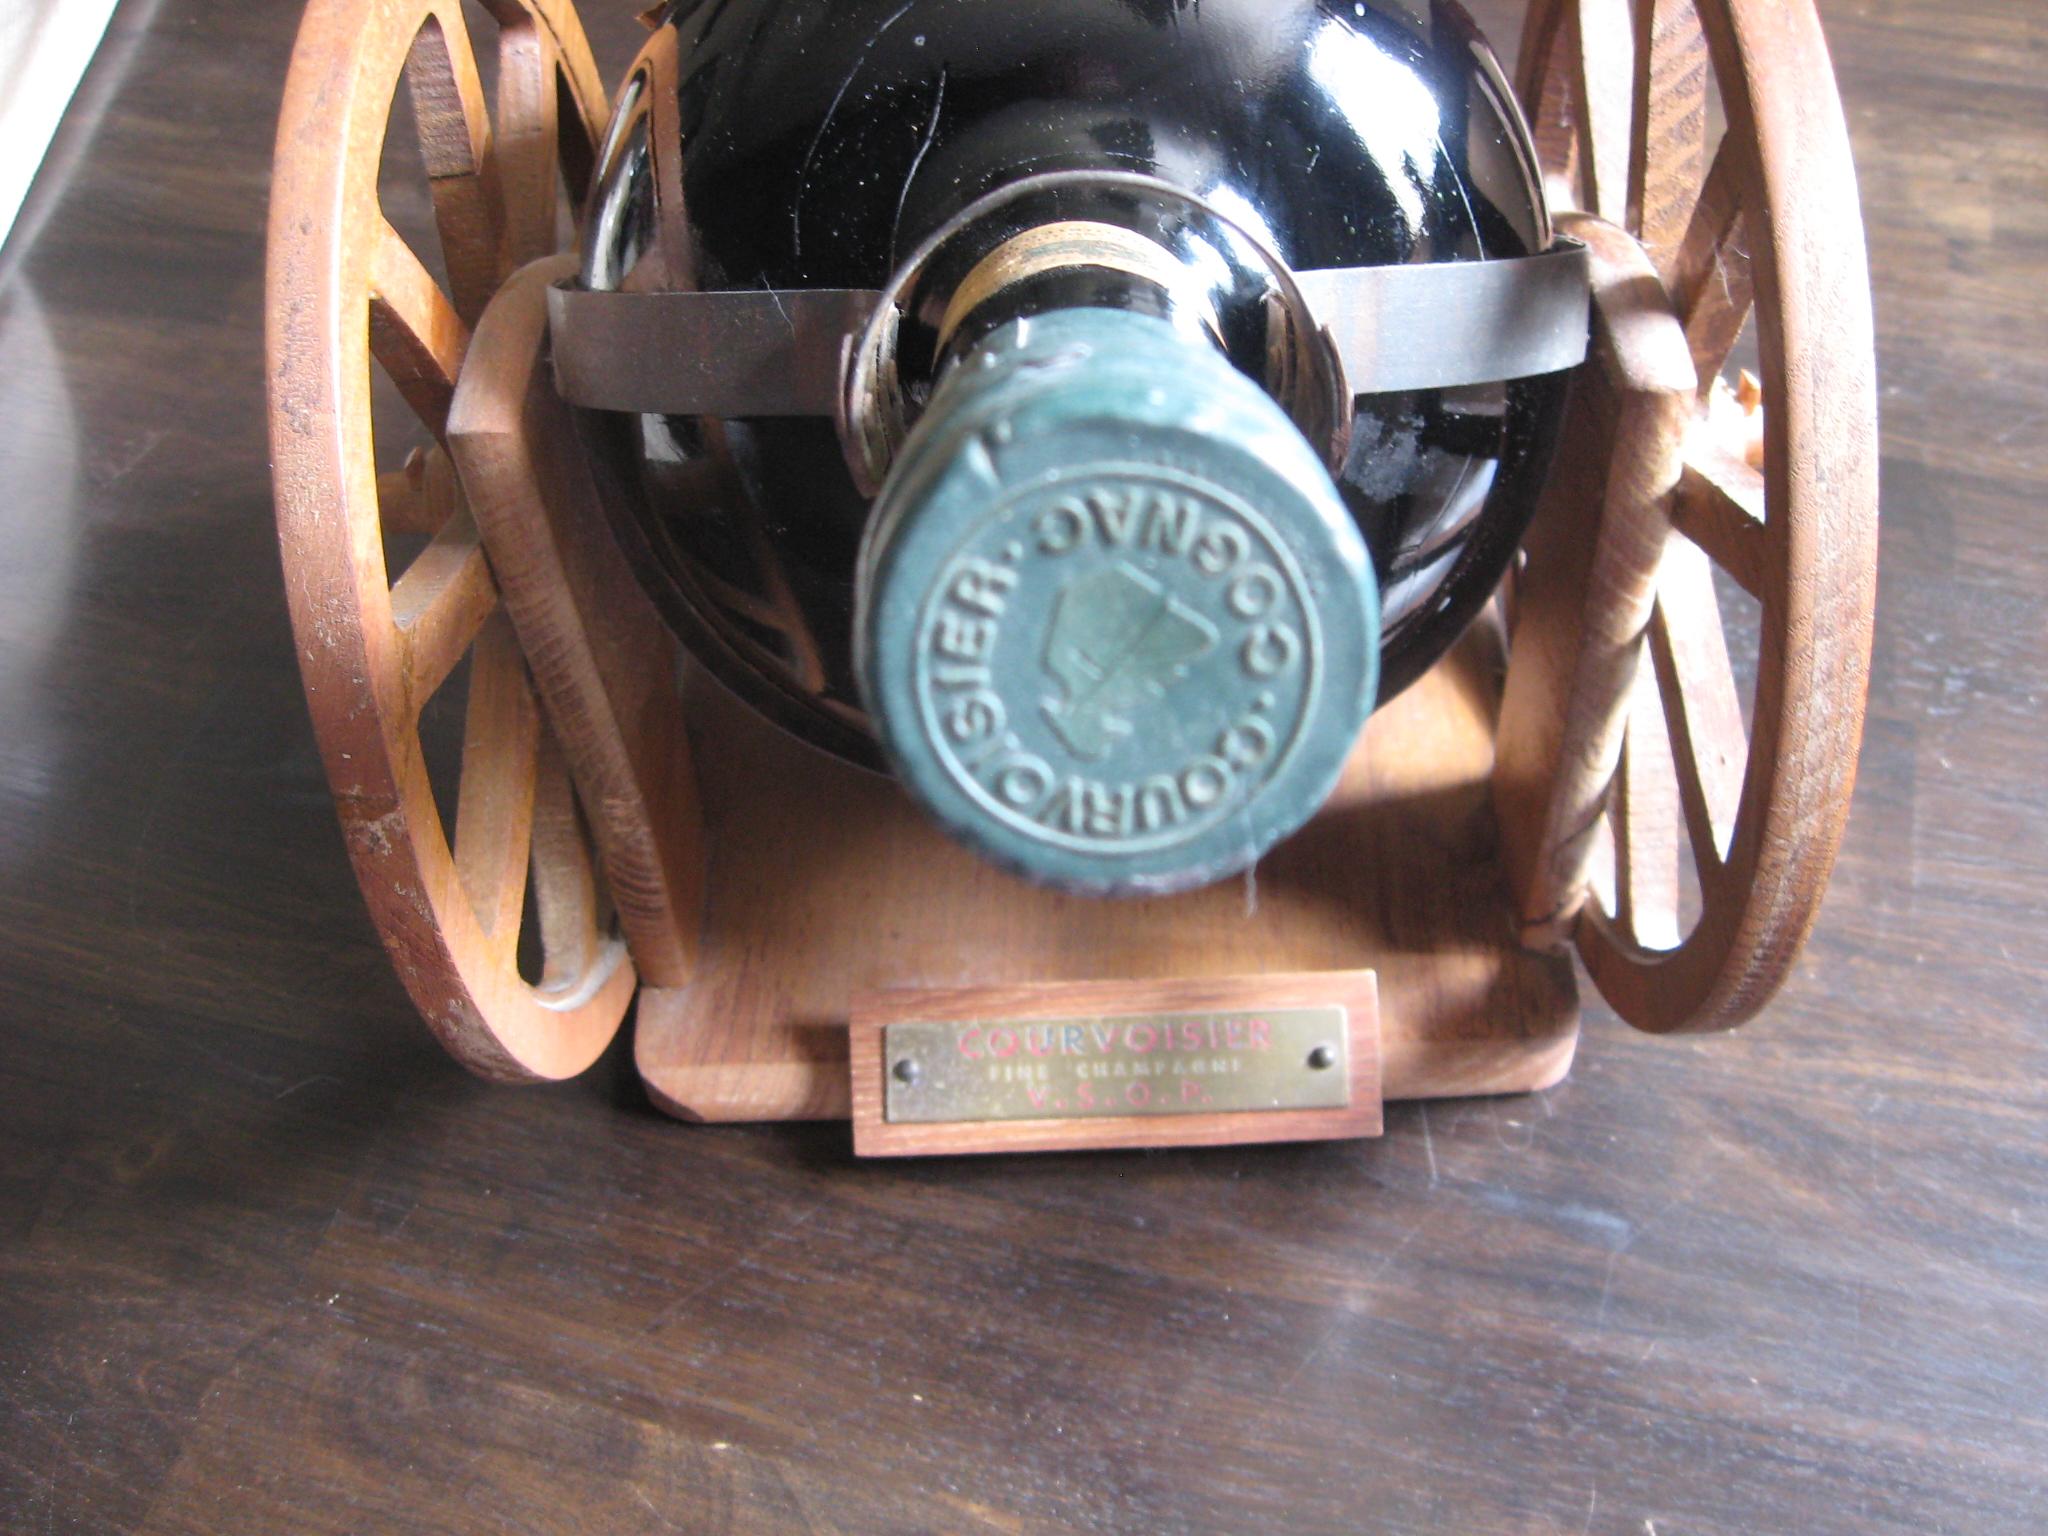 Bam! Courvoisier VSOP Gallon Gun-Carriage